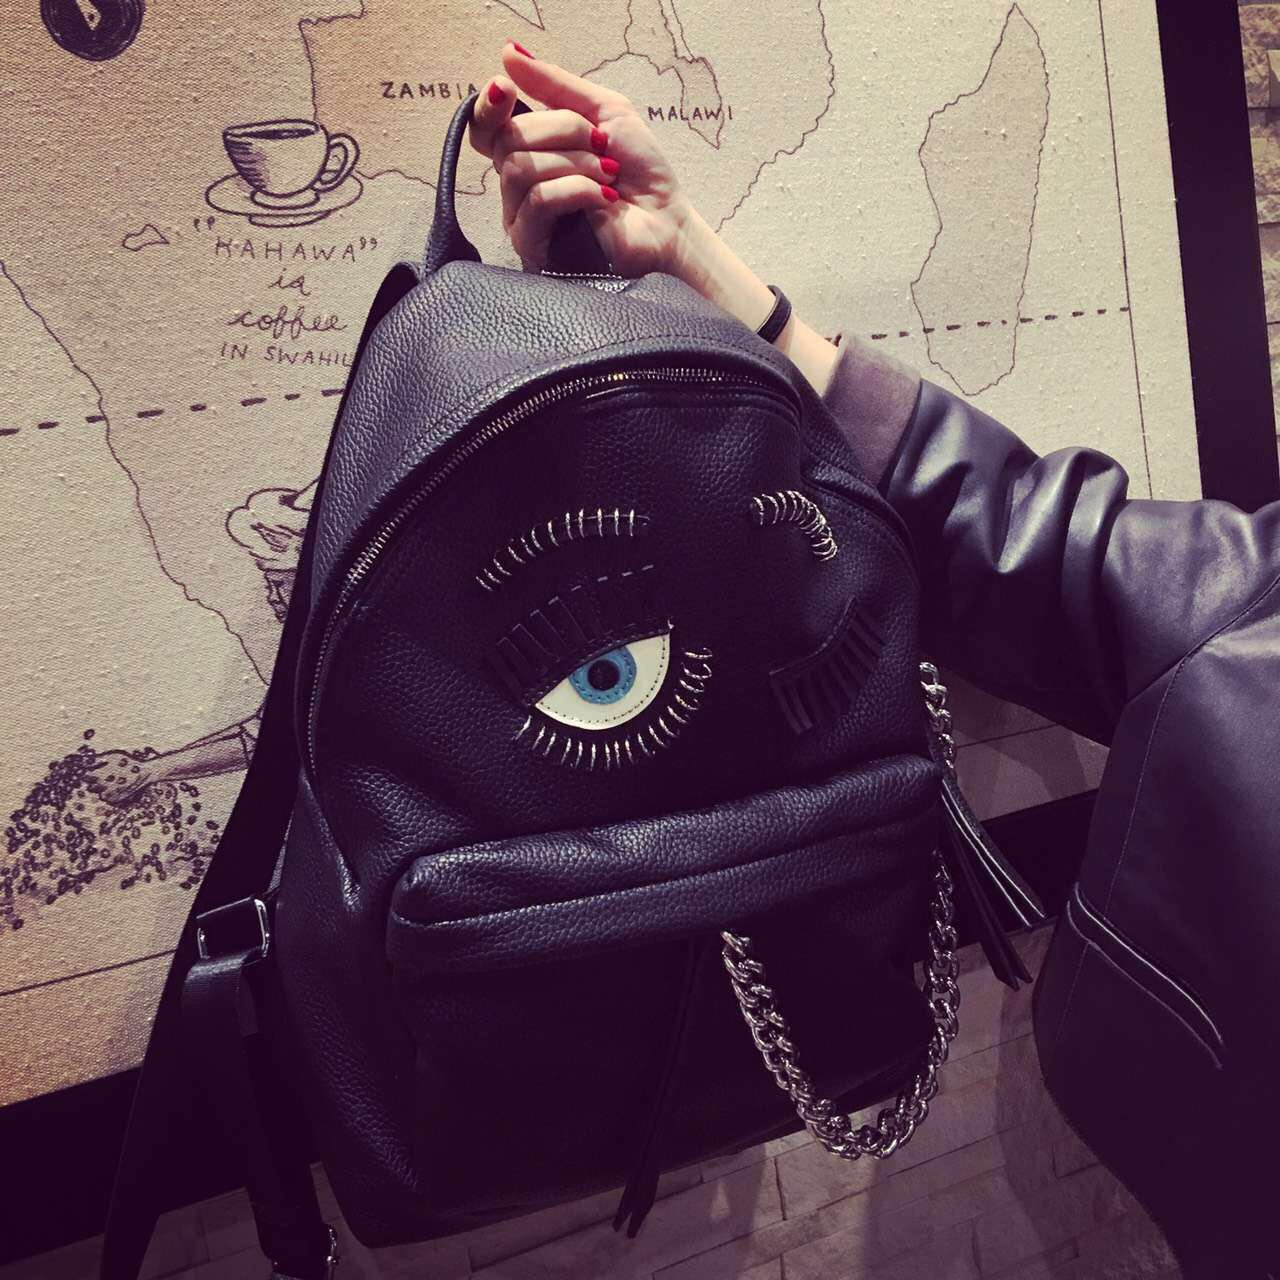 眨眼大眼睛睫毛小怪兽双肩包女个性潮韩版链条创意男背包欧美街头